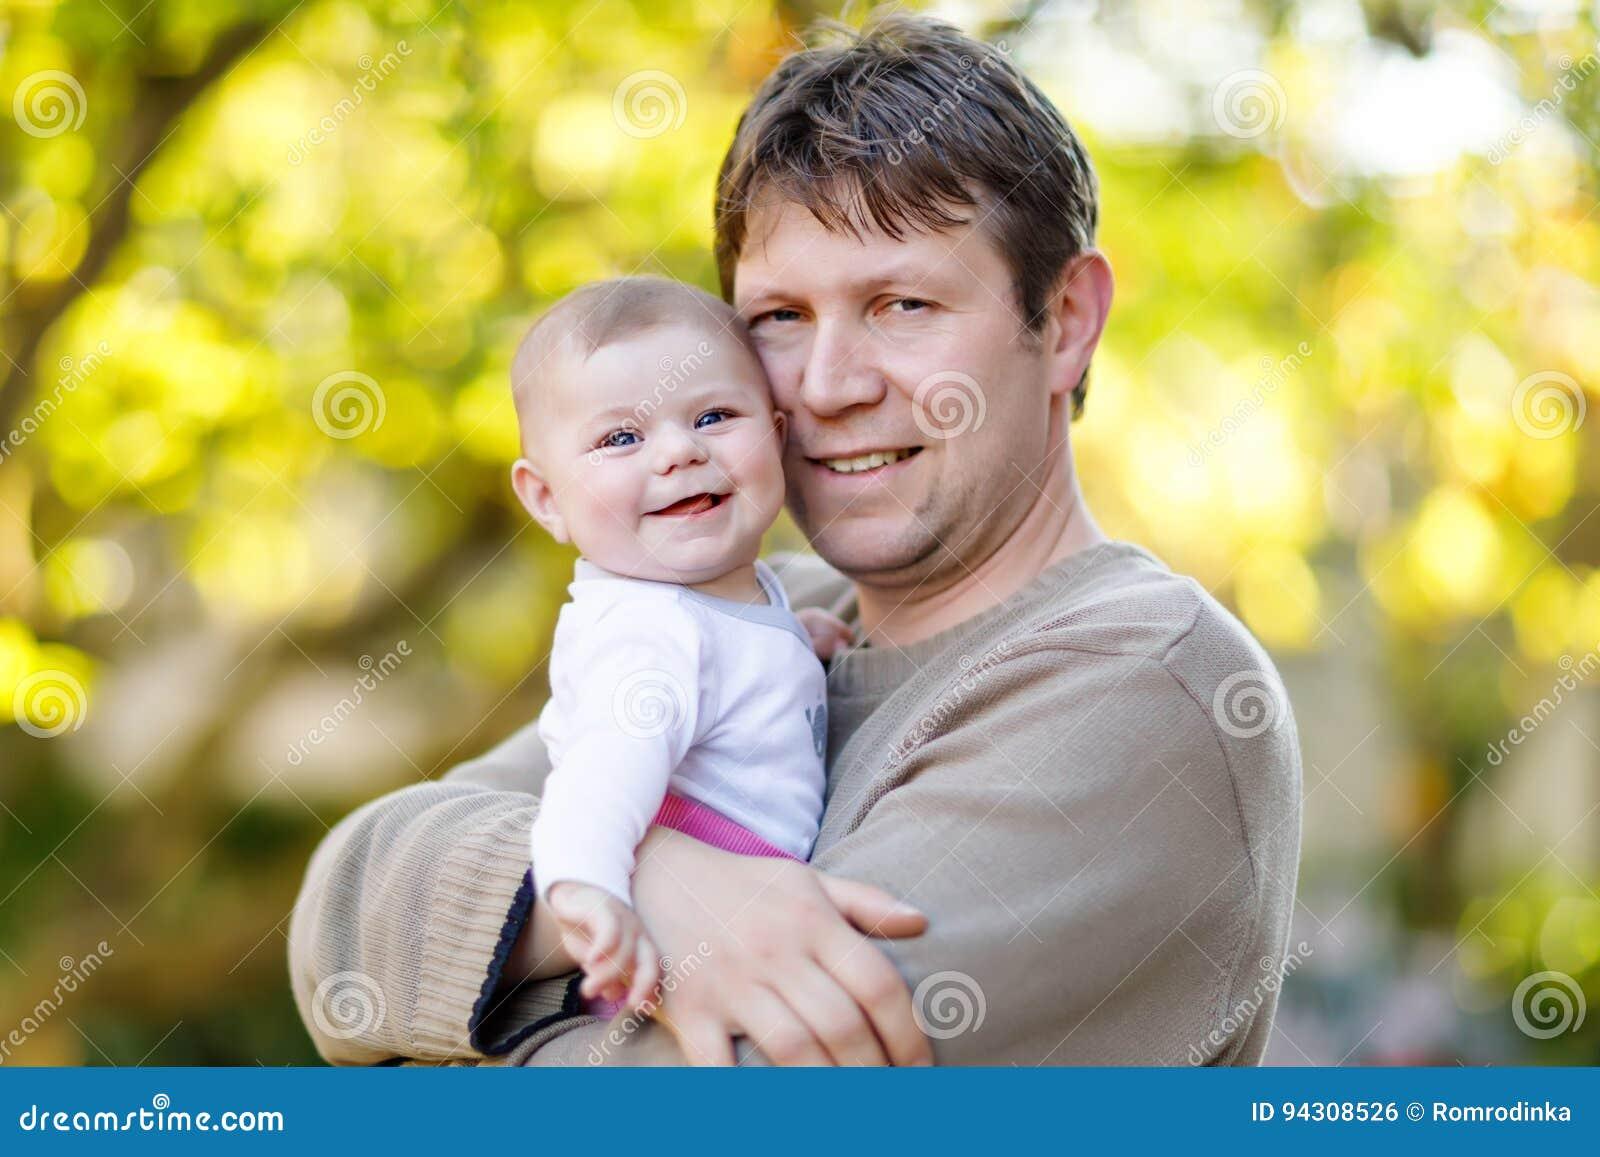 Glücklicher stolzer junger Vater mit neugeborener Babytochter, Familienporträt zusammen